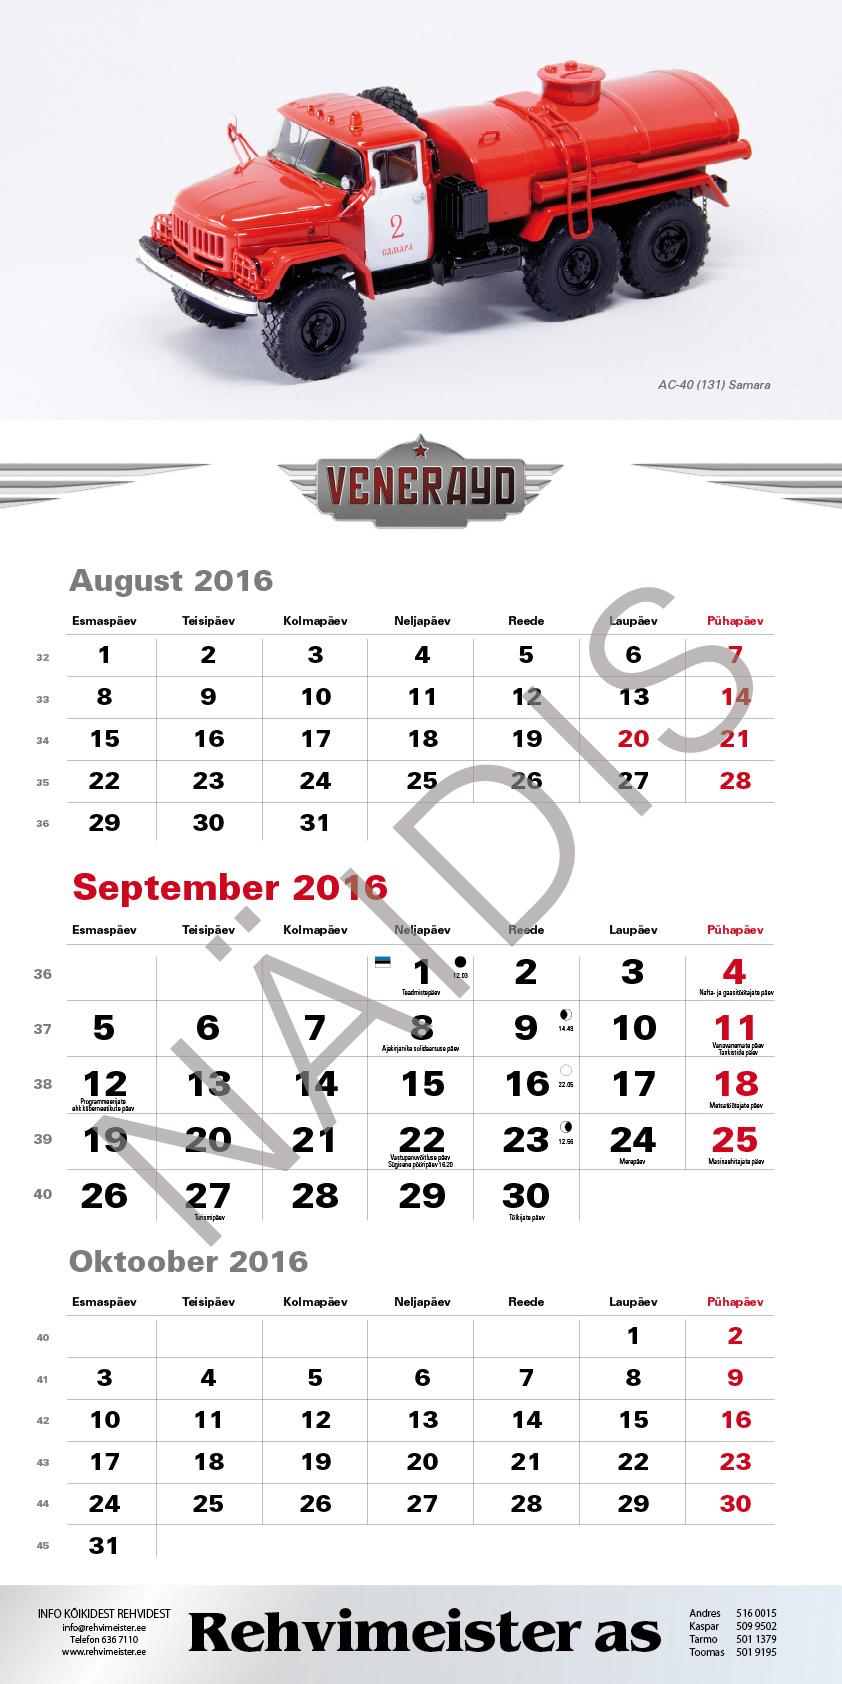 Veneraud_kalender_2016_10